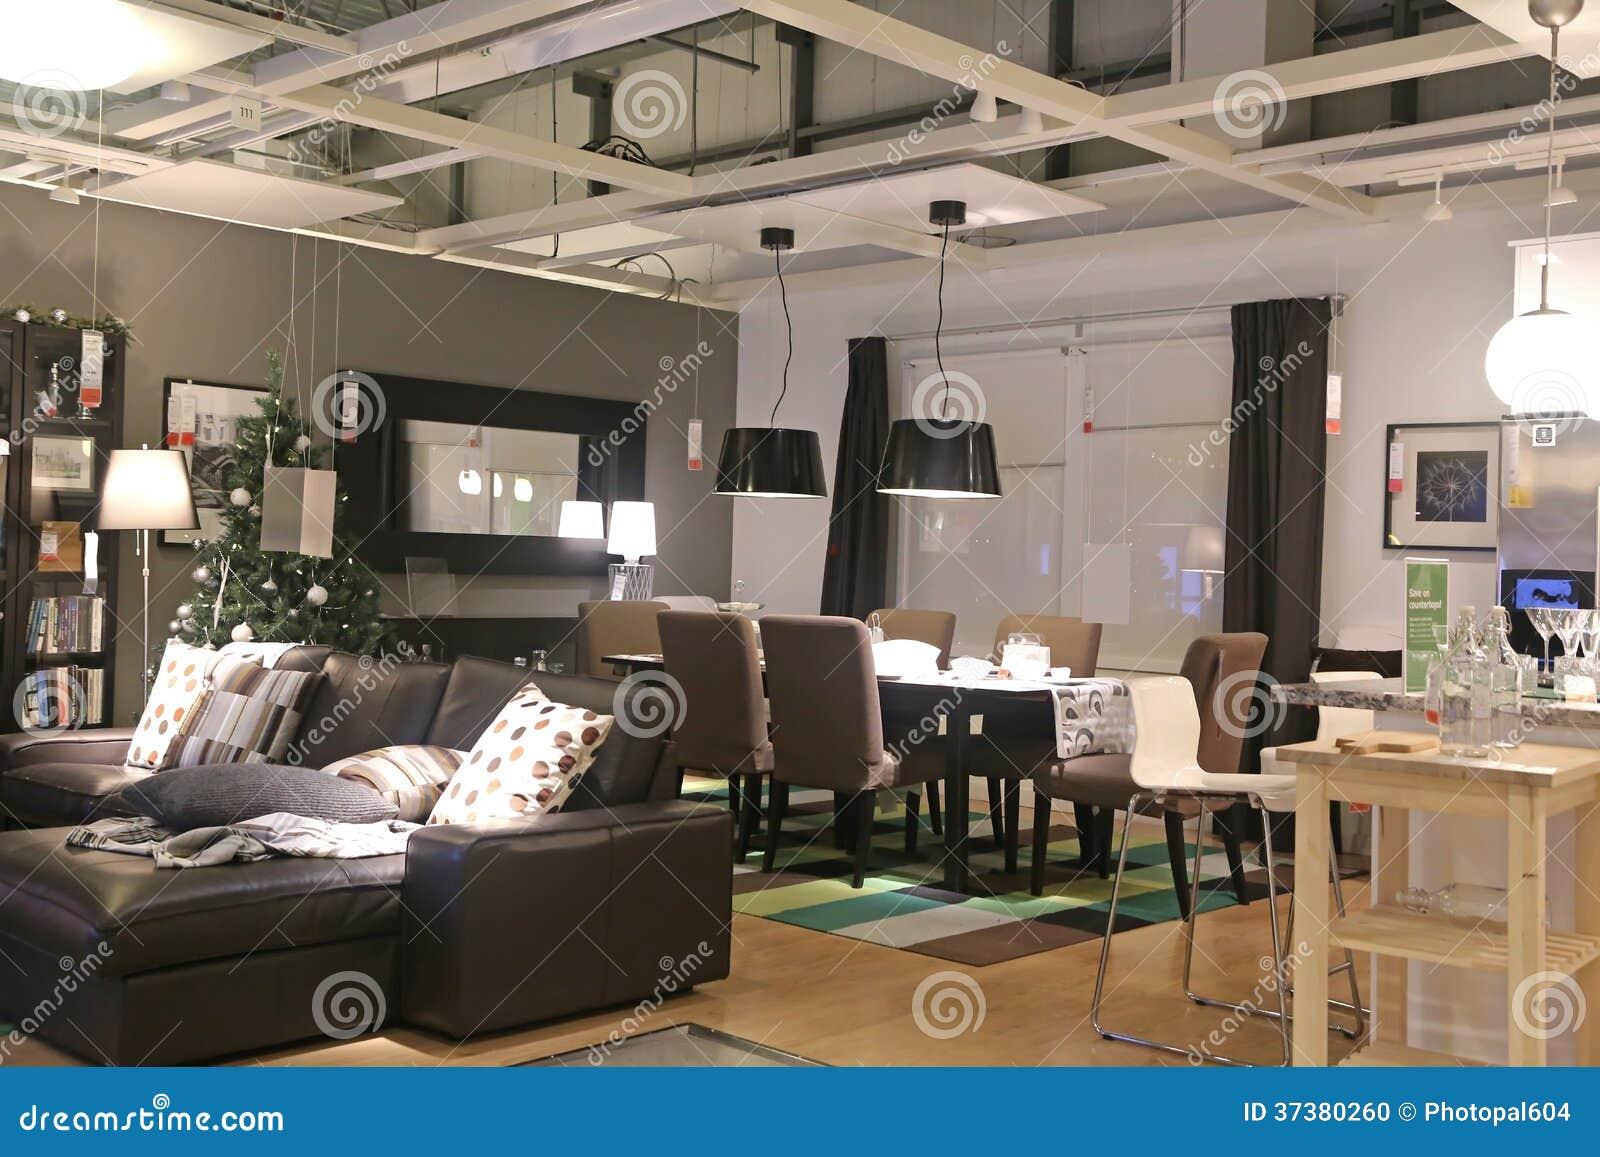 Montrez La Pi Ce L 39 Int Rieur Du Magasin D 39 Ikea Image